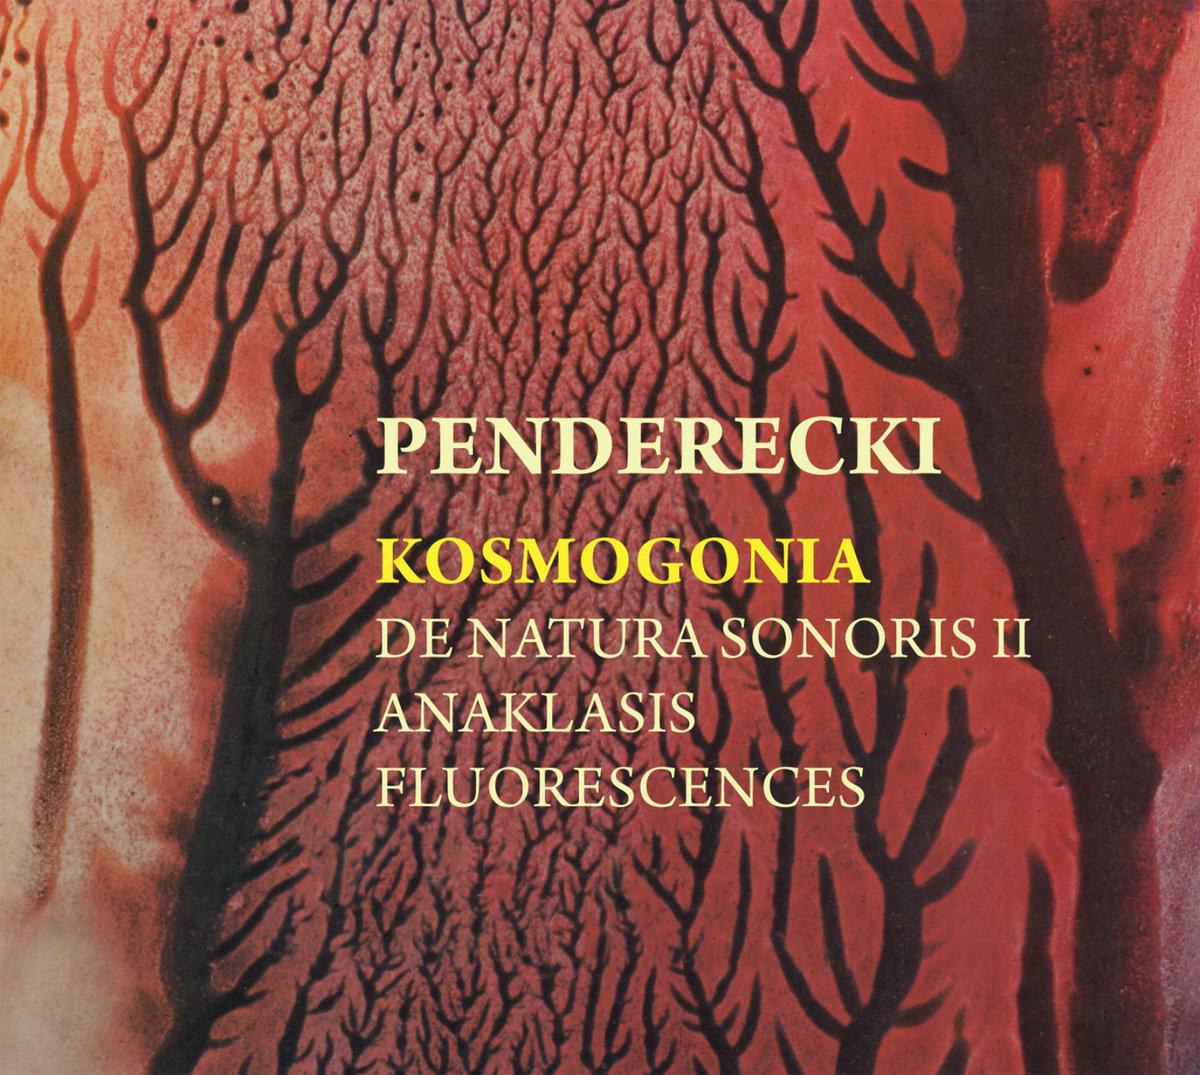 Krzysztof Penderecki - Kosmogonia